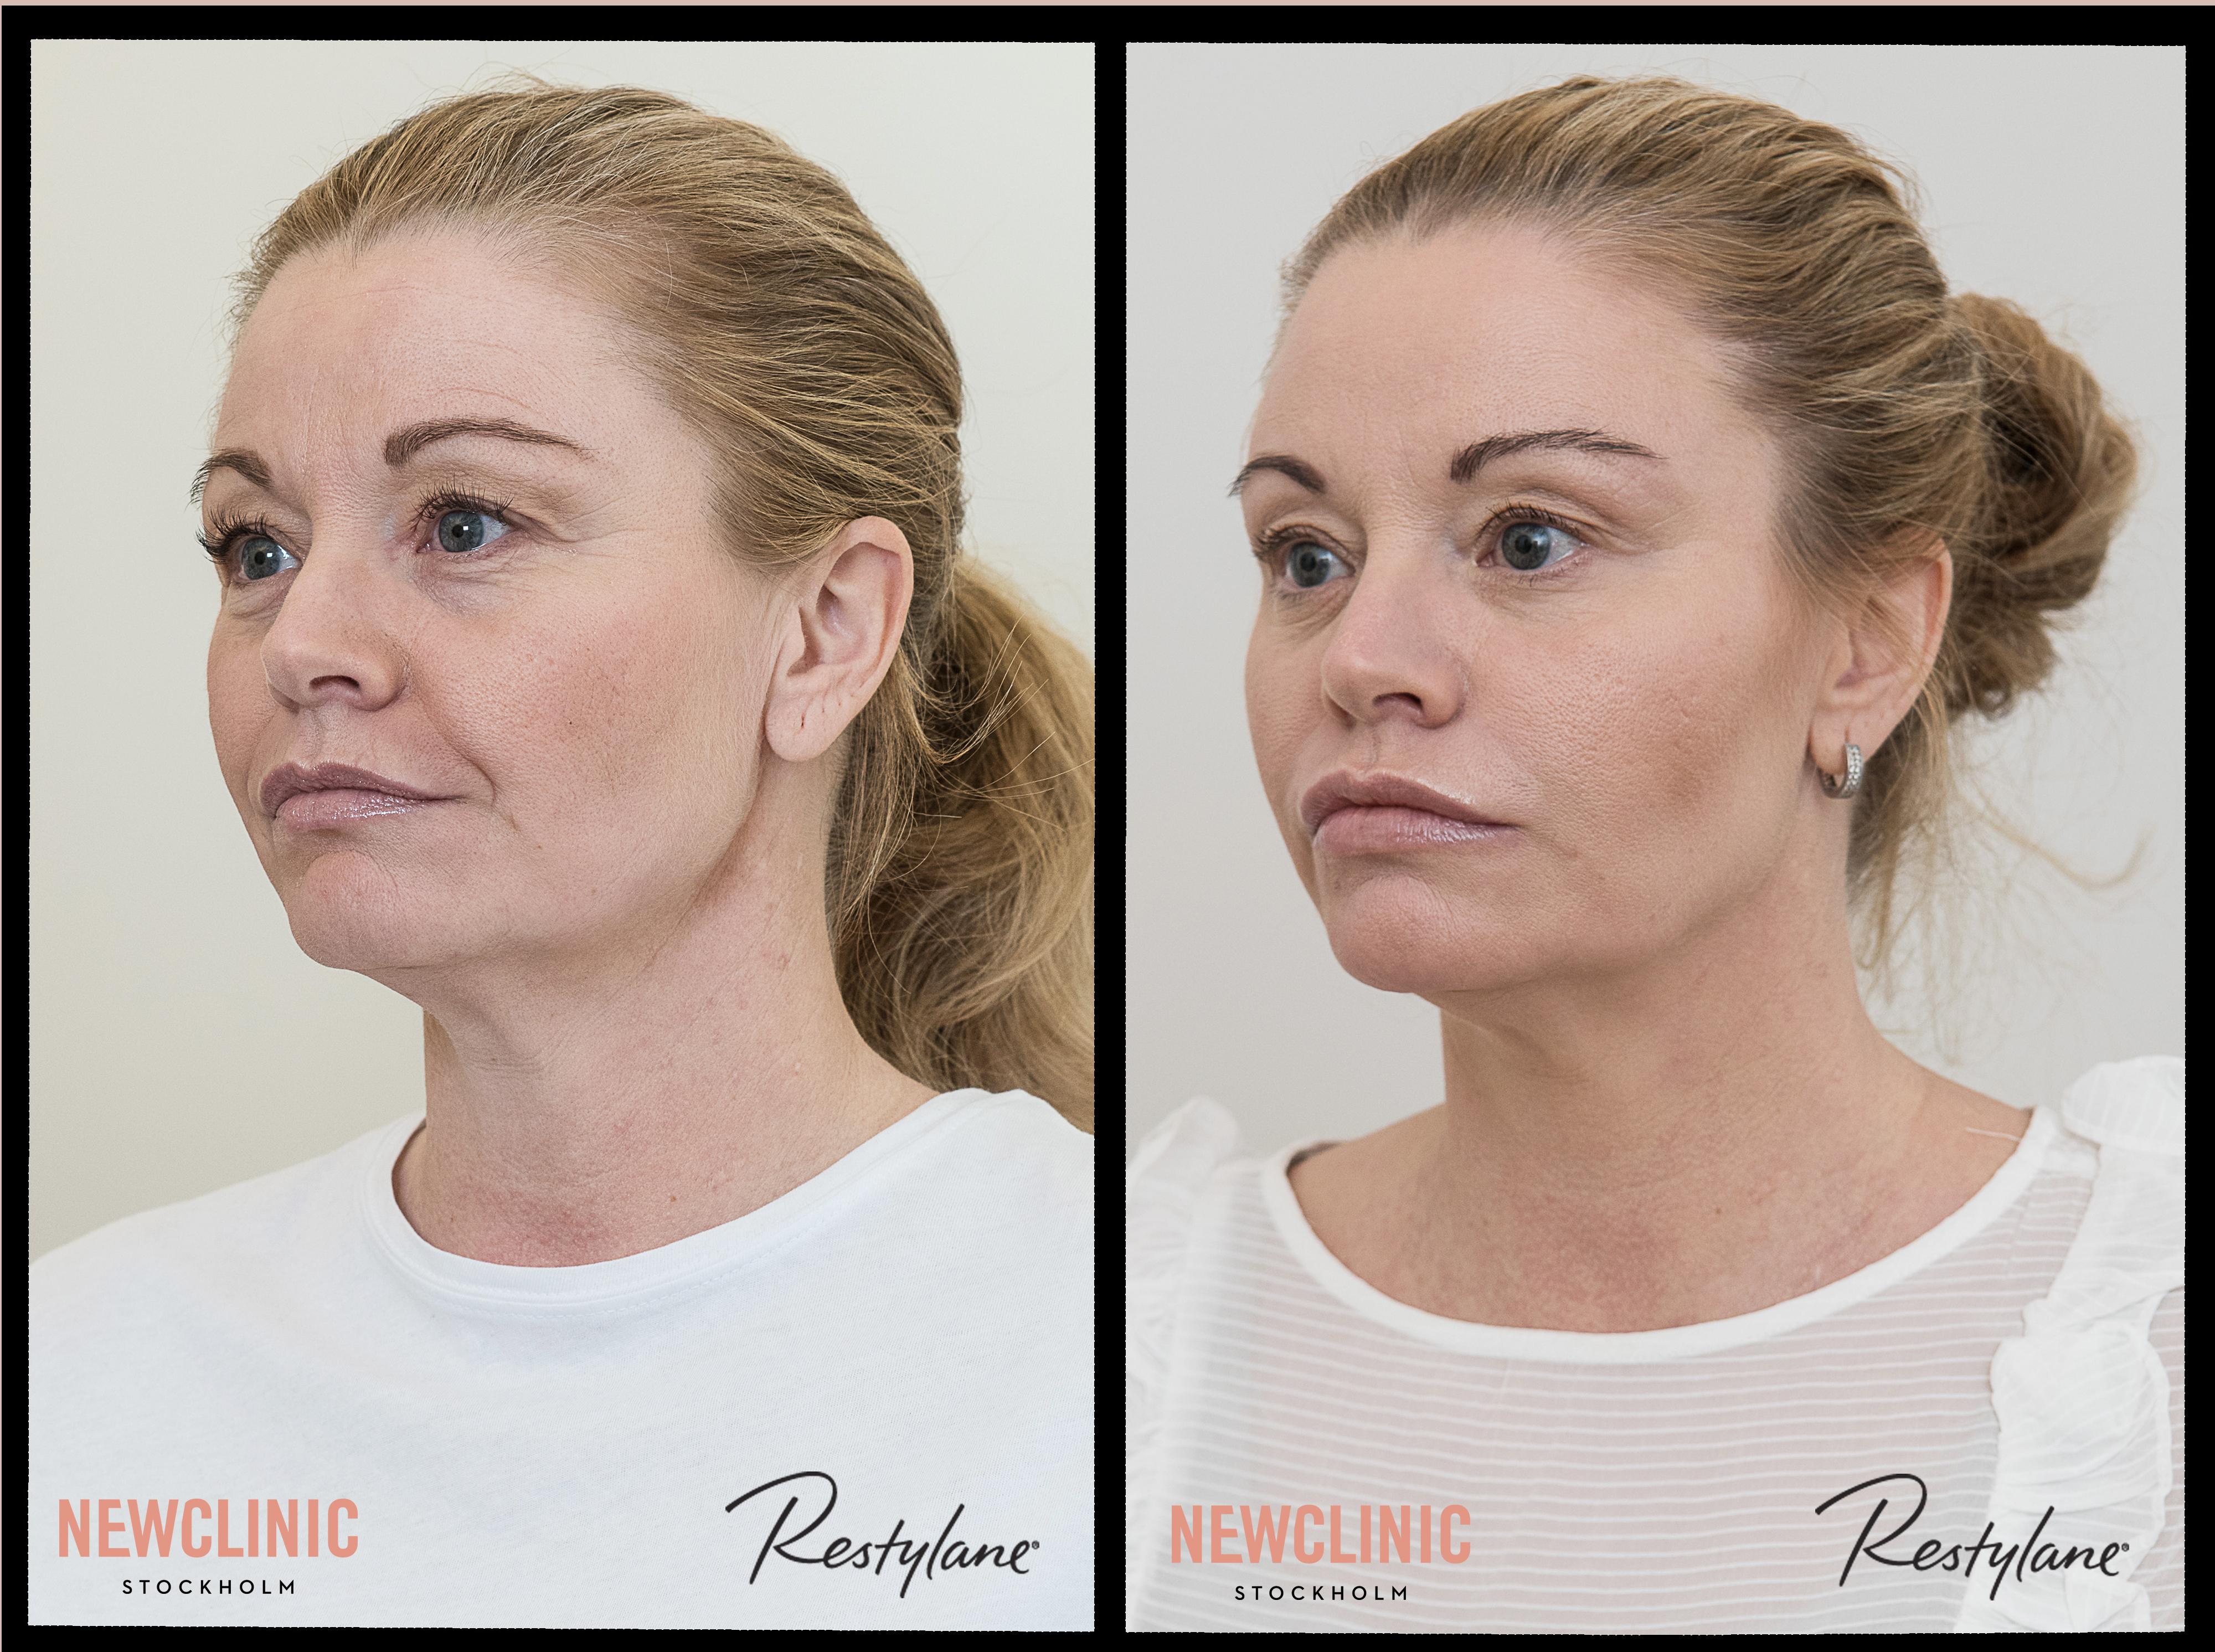 ipl behandling före och efter